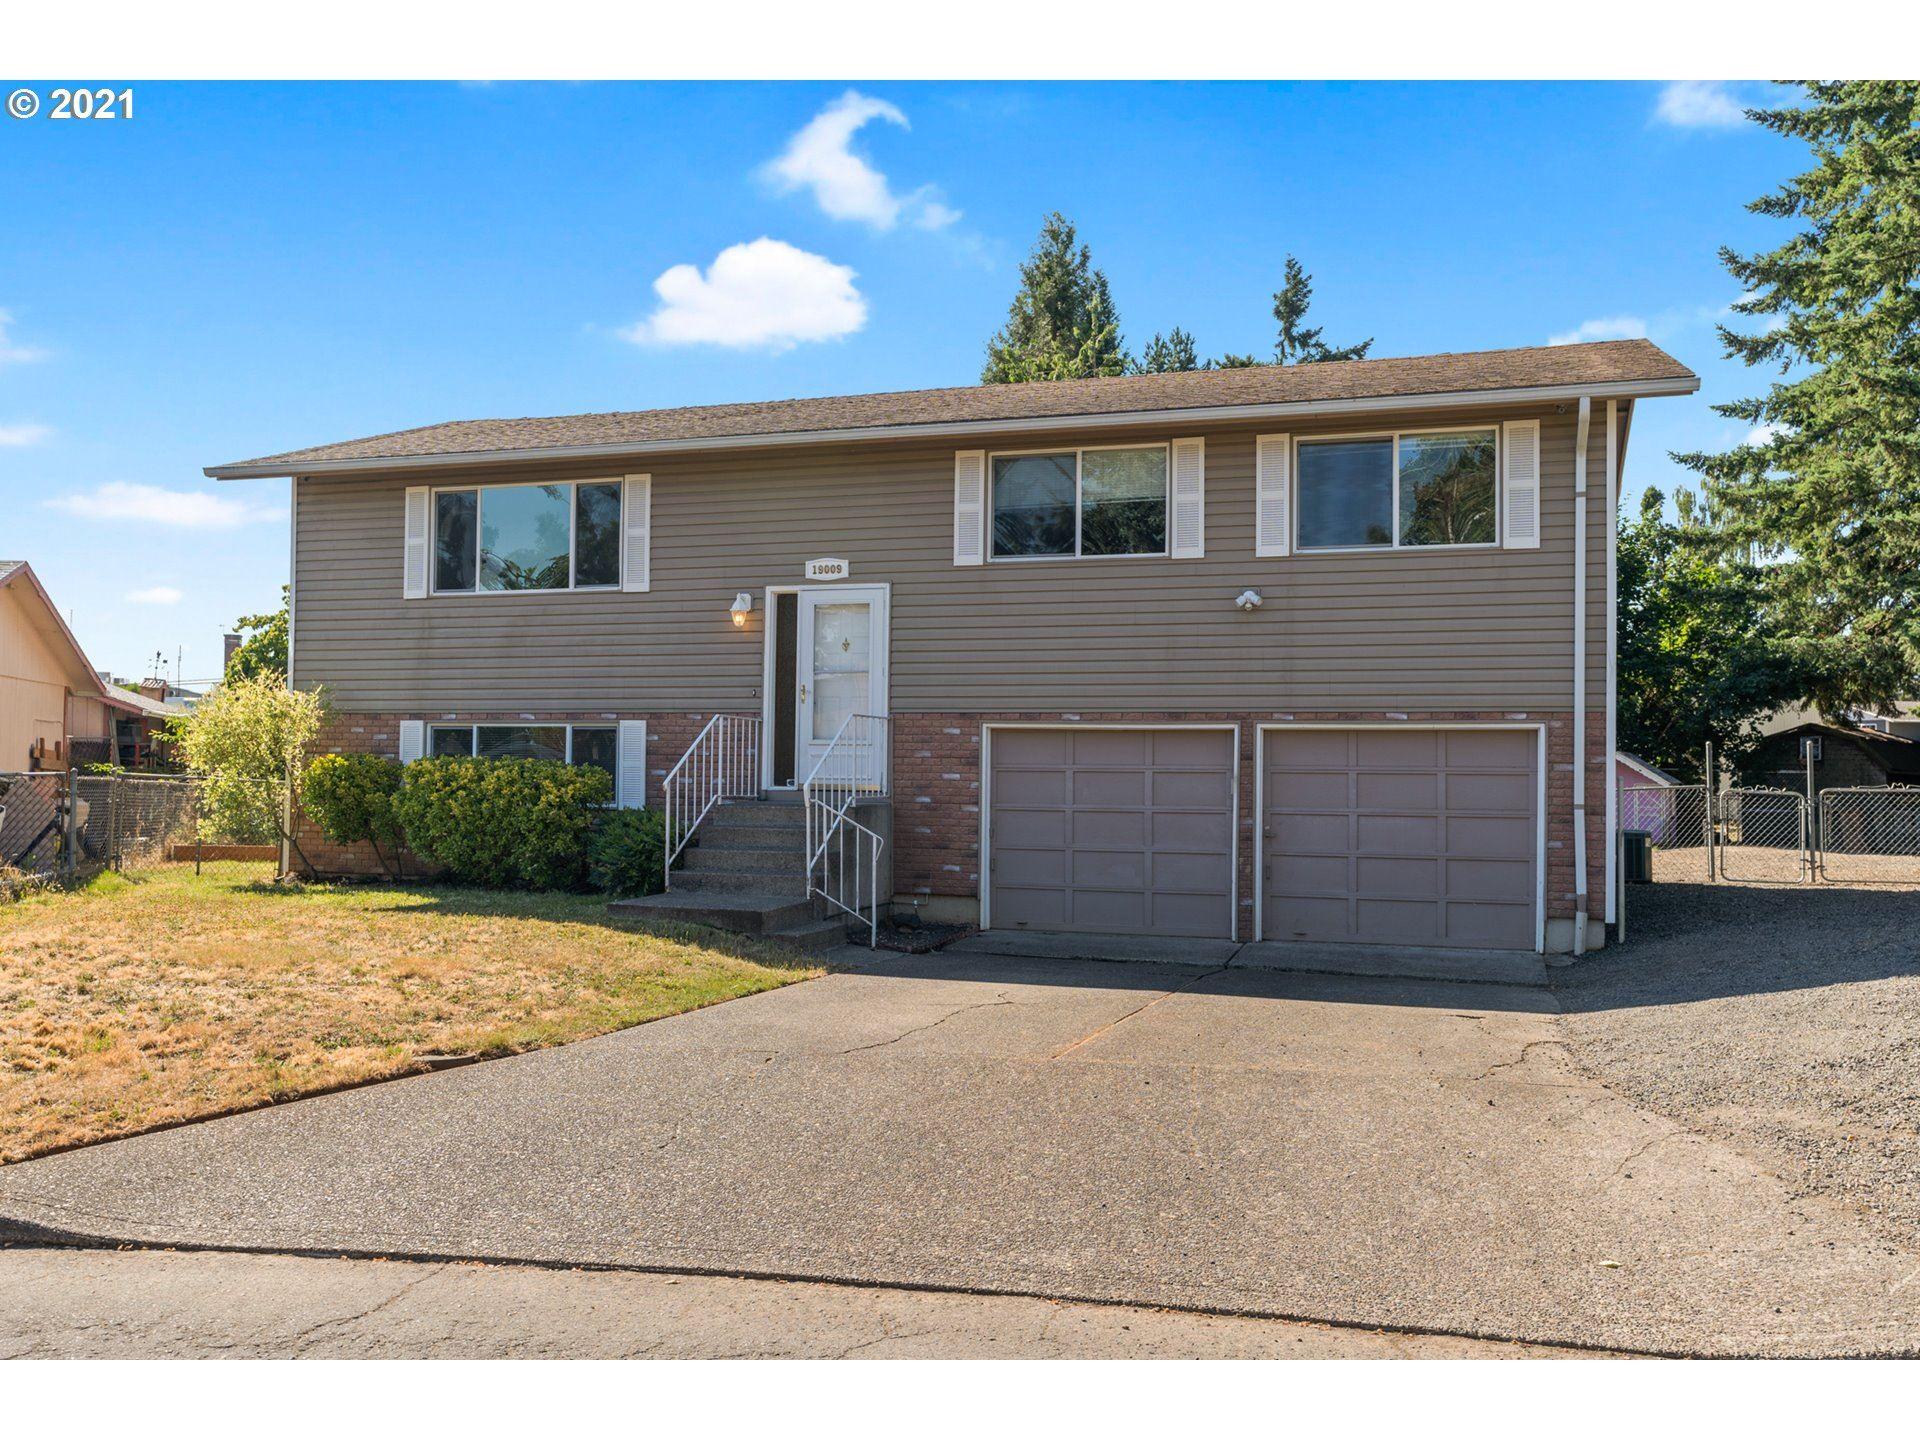 19009 BEDFORD DR, Oregon City, OR 97045 - MLS#: 21656181